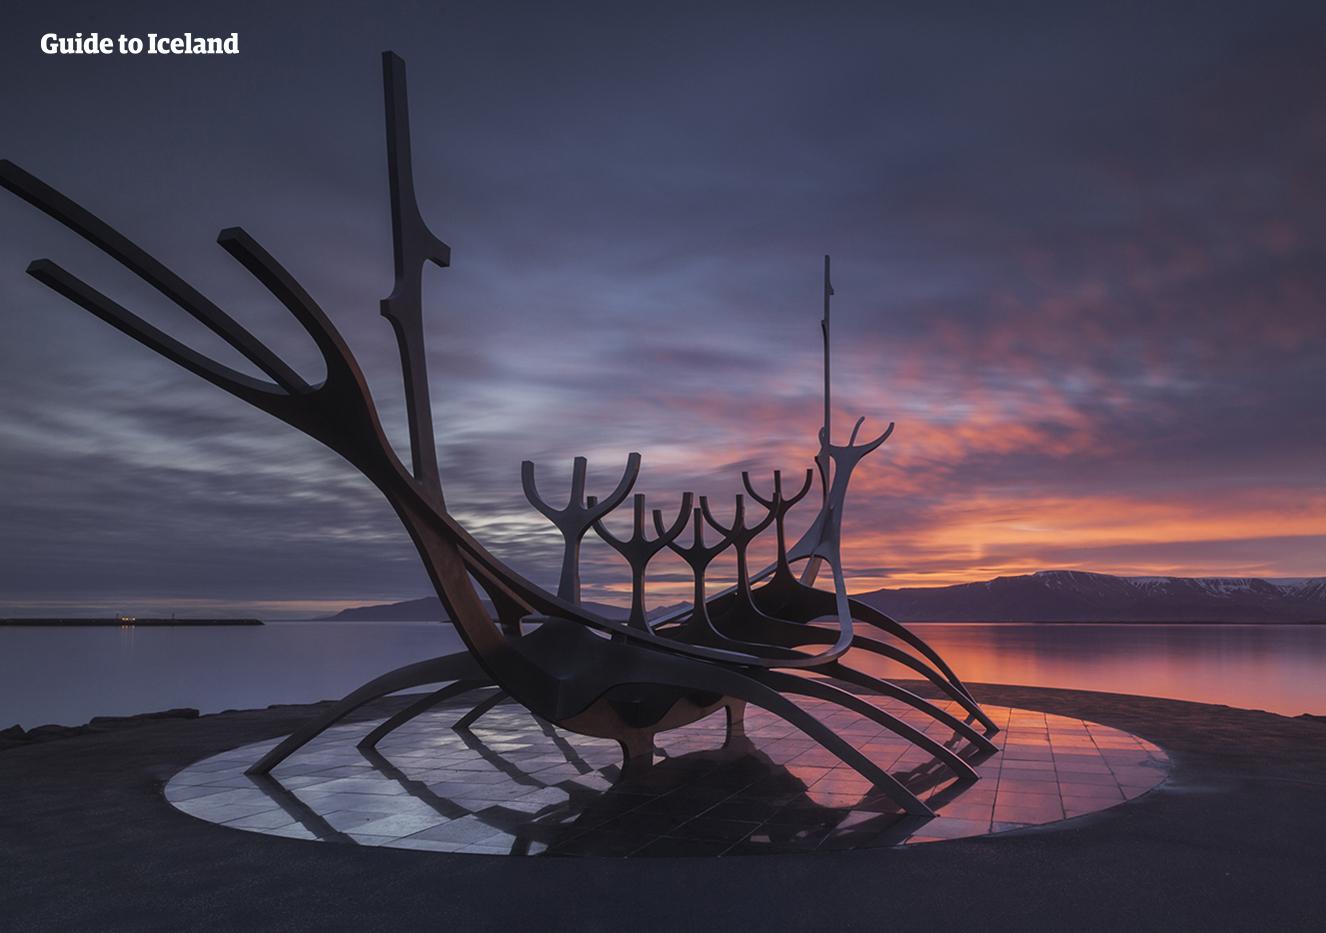 雷克雅未克是一座被艺术充斥的城市,海边的太阳航海者雕塑是必去的城市地标之一